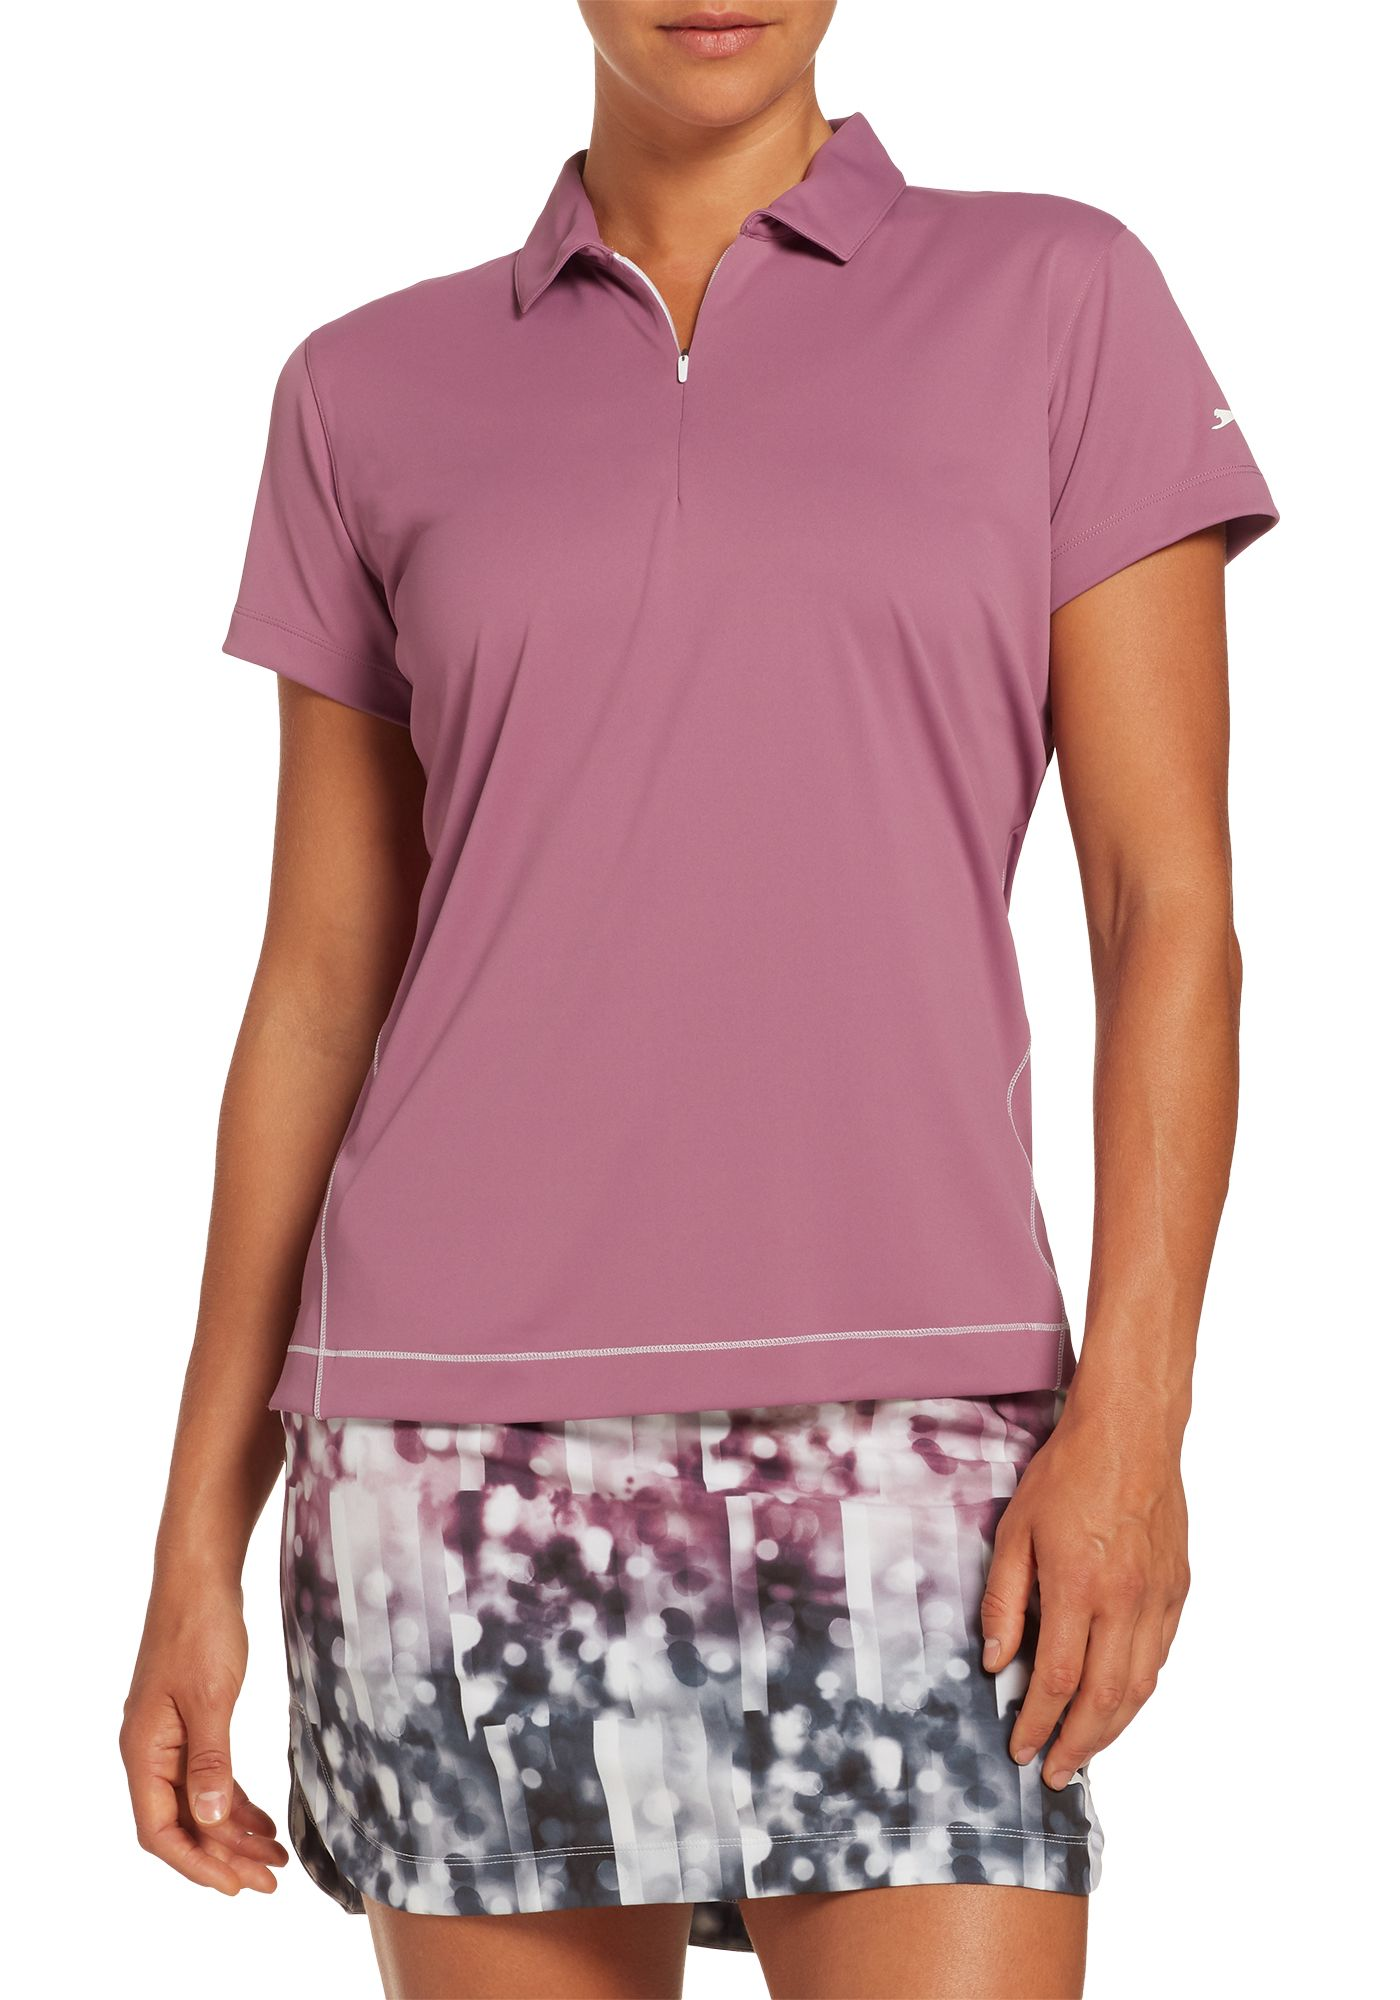 Slazenger Women's Tech Short Sleeve Golf Polo